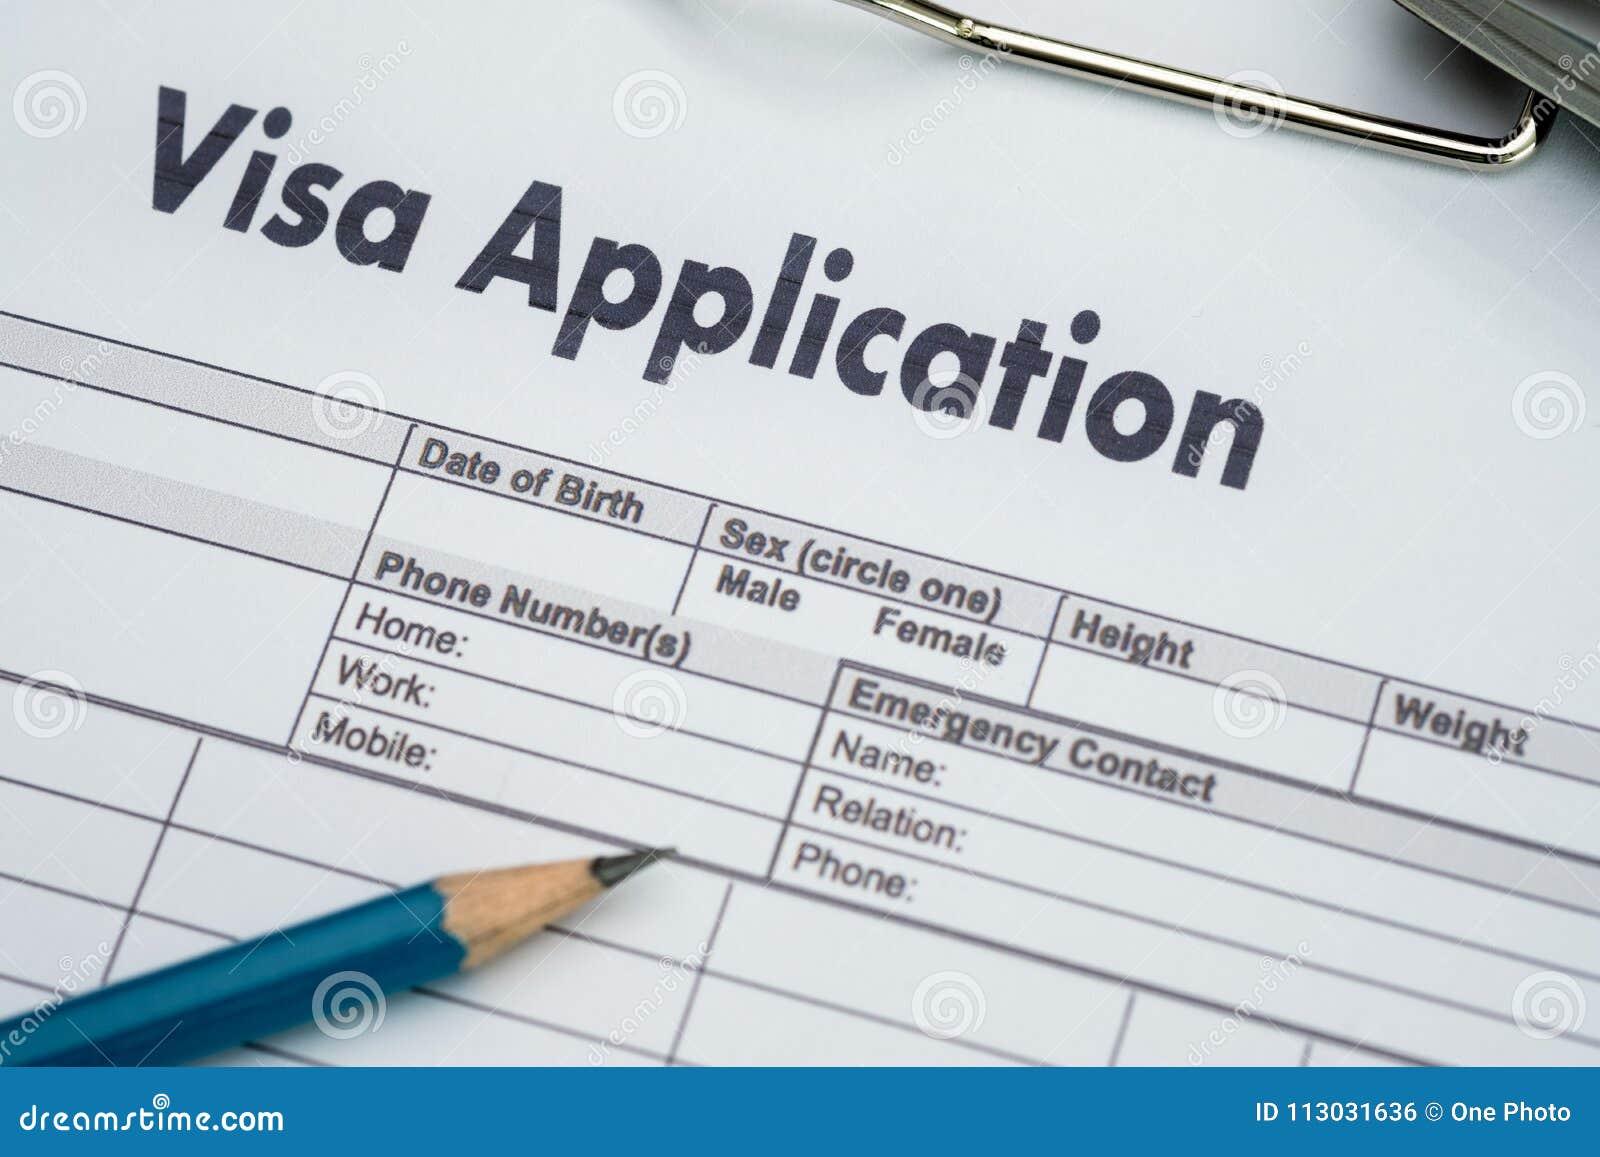 Forma de la solicitud de visado a viajar inmigración un dinero del documento para